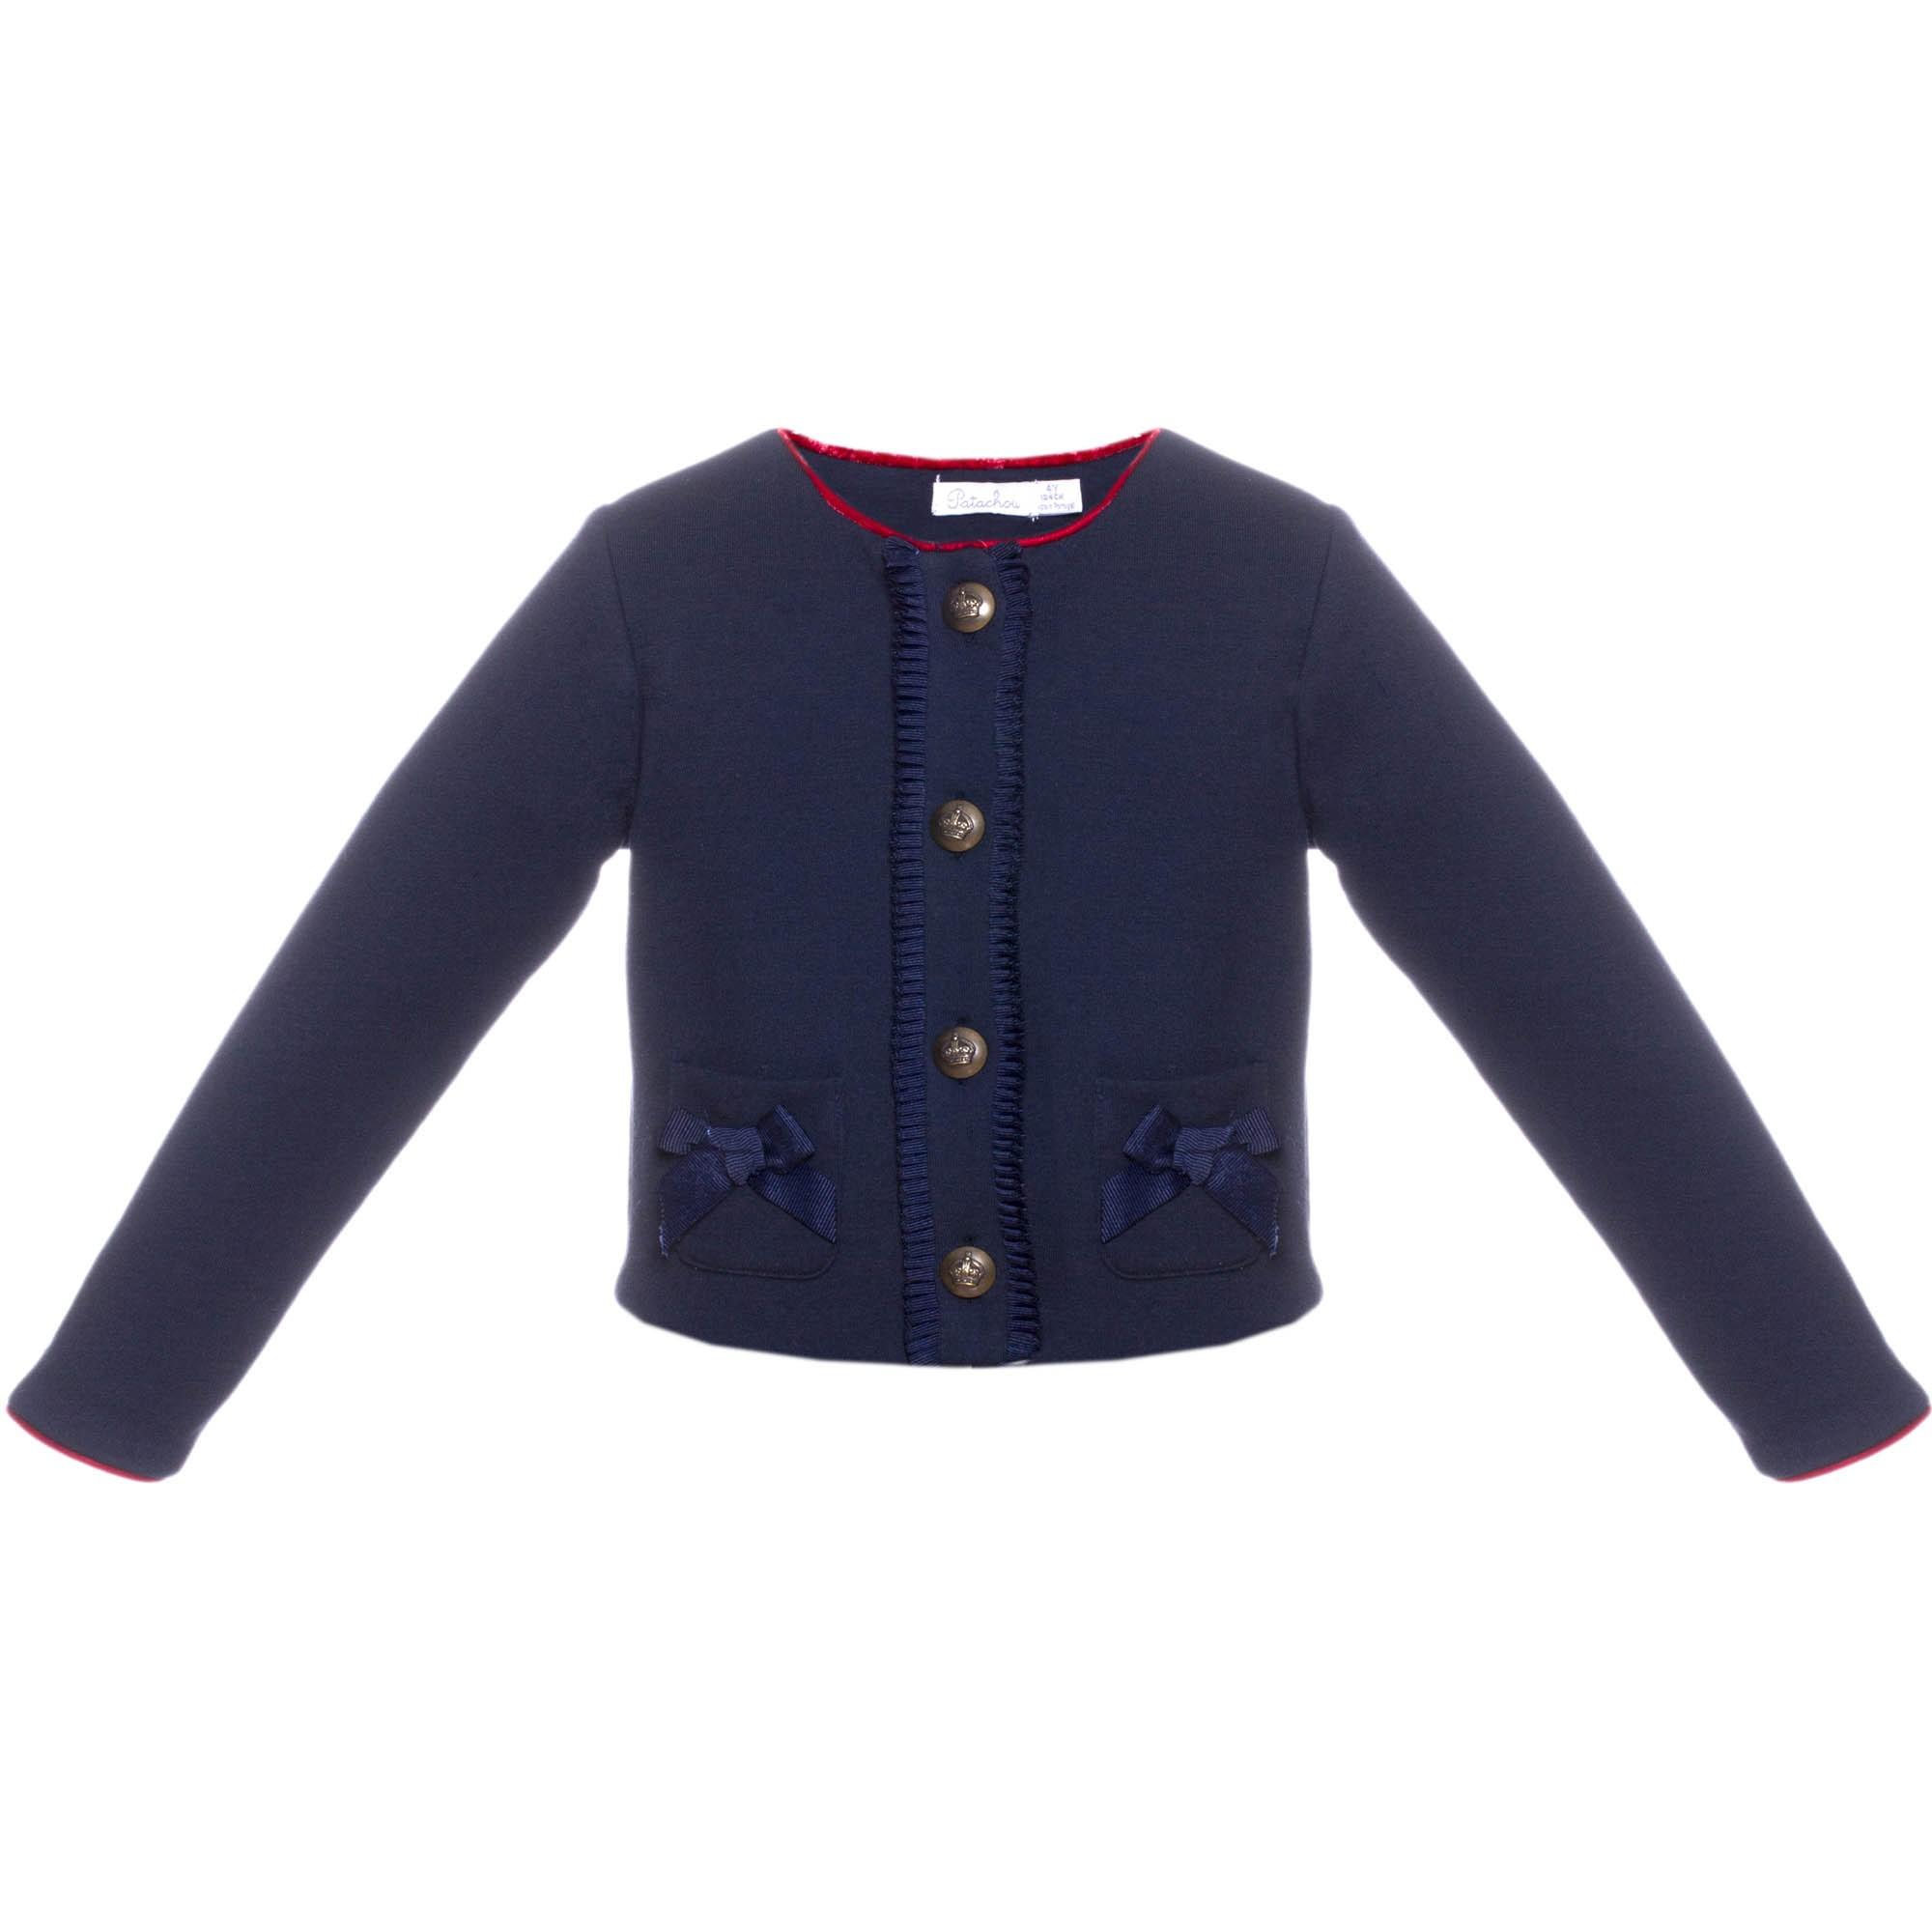 3c5050dcf PATACHOU GIRLS NAVY BLUE FRILLED JACKET REF.: 2733470 - masielbebe.co.uk